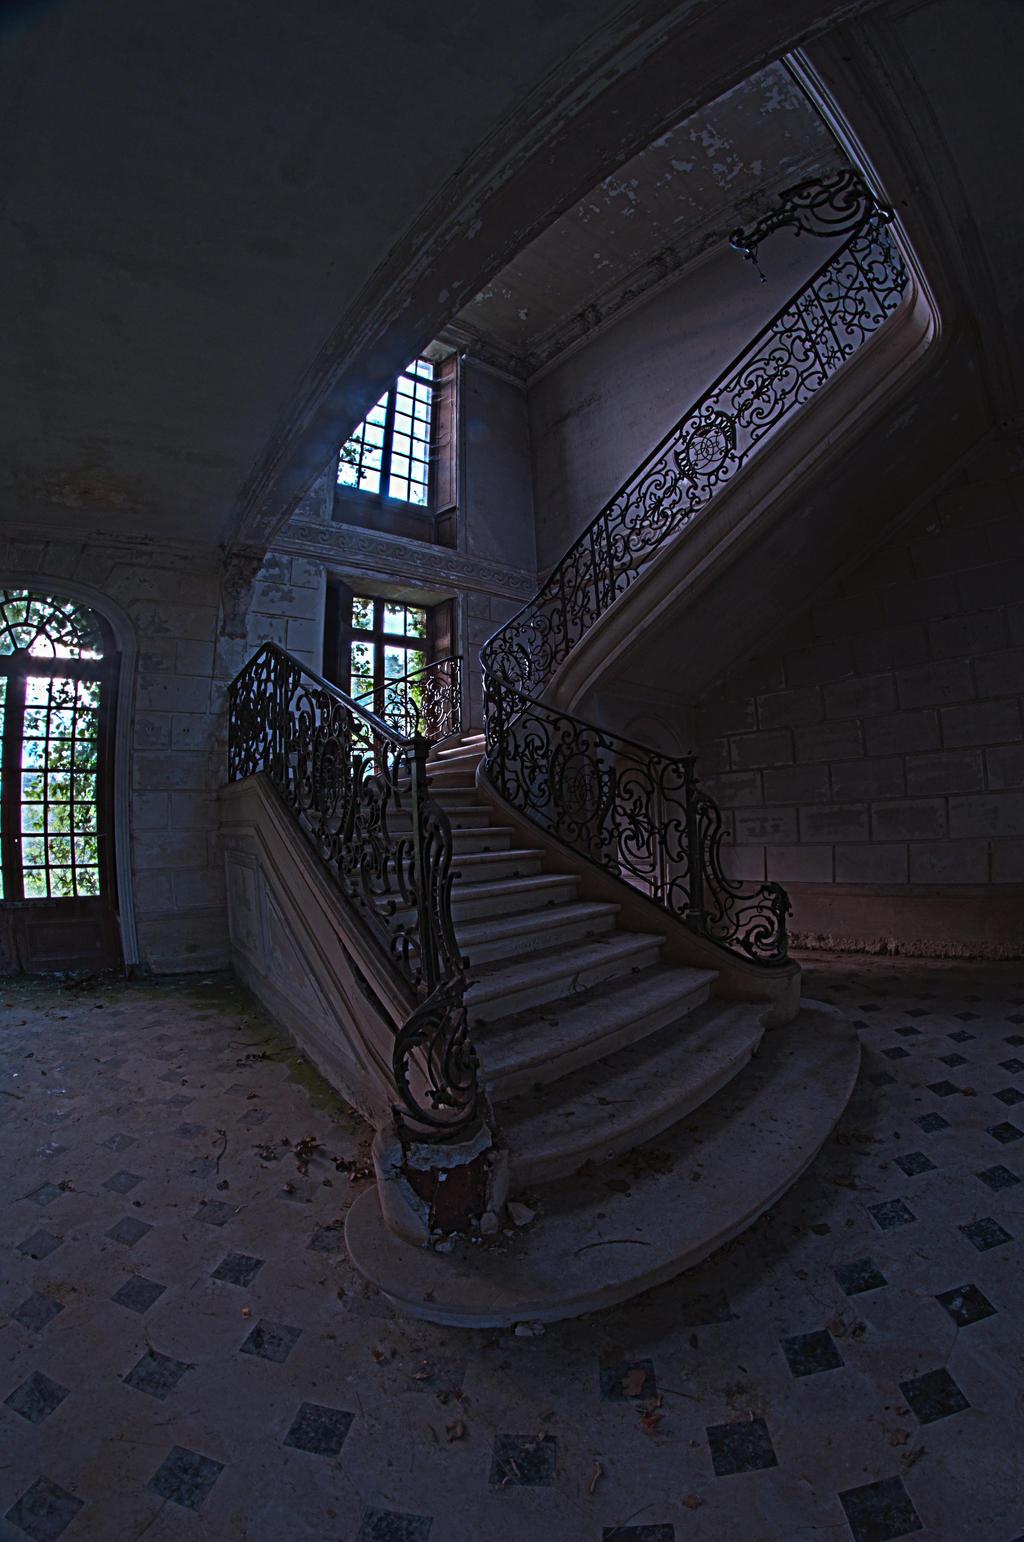 Chateau de Singes by kKimago